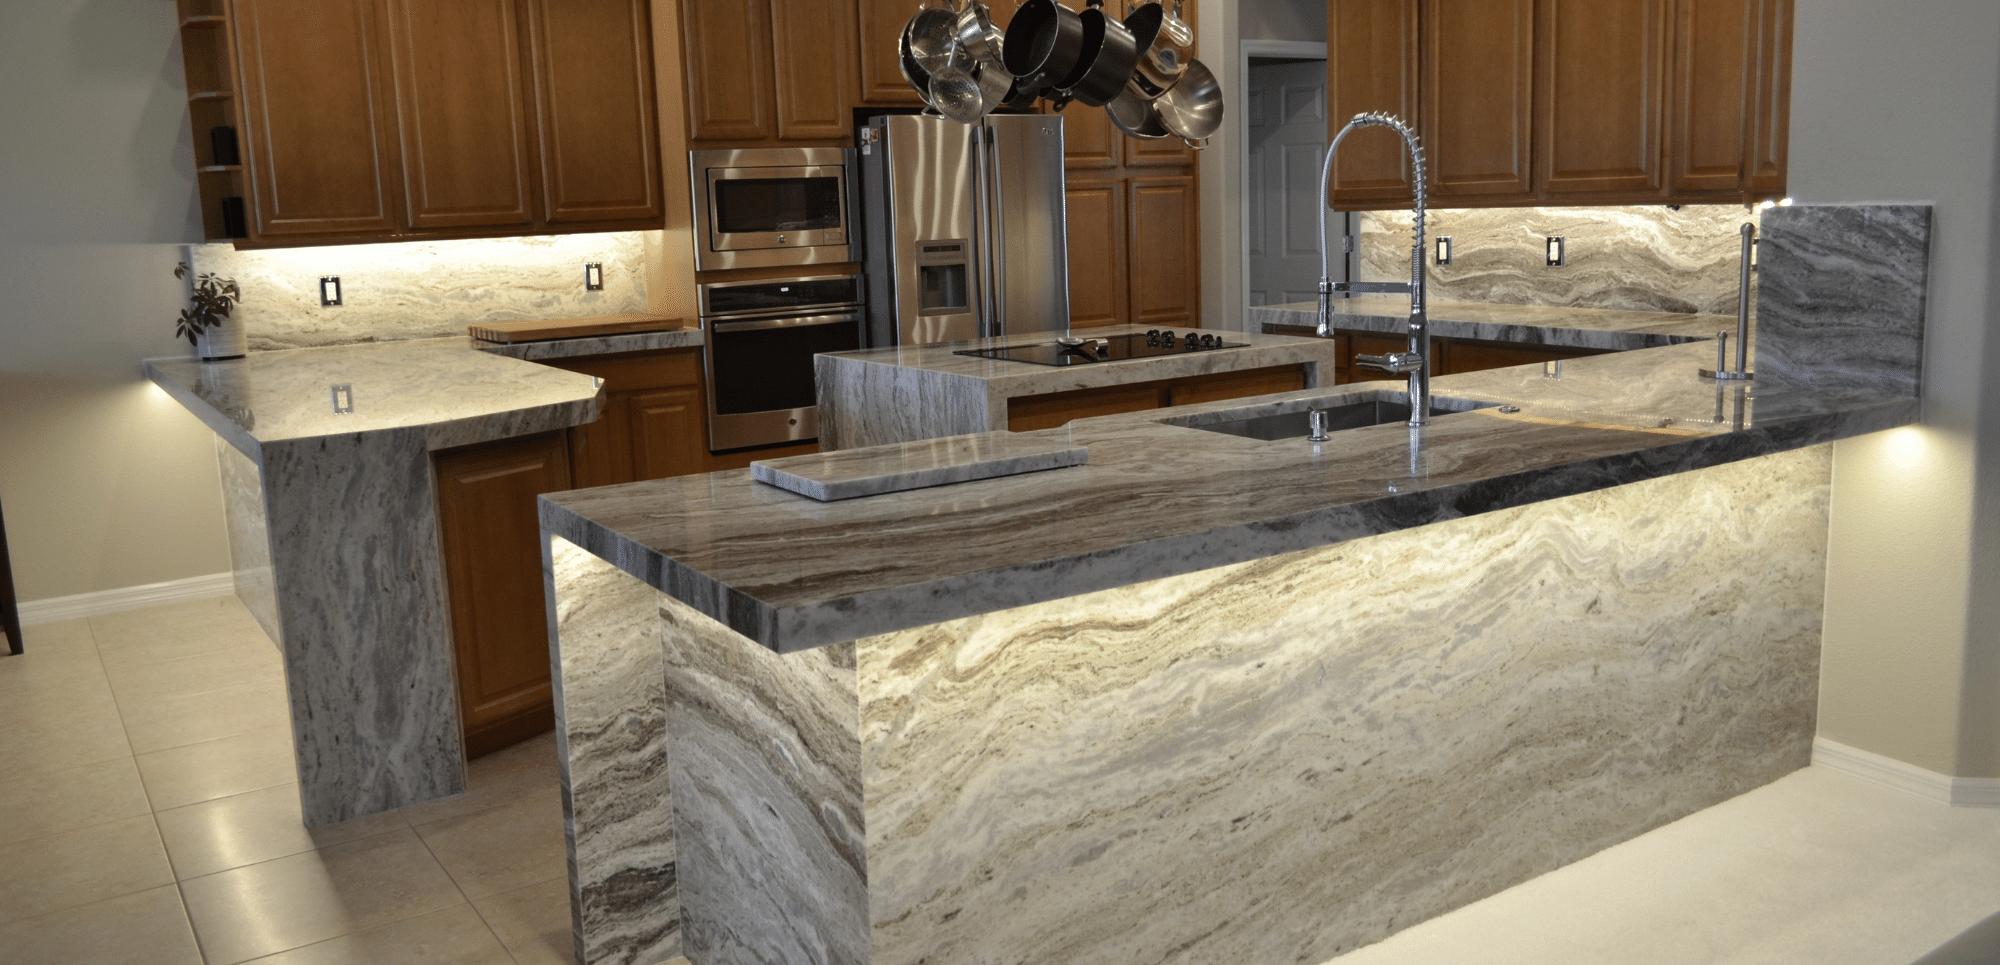 Silestone quartz vs Granite Countertops Brown Fantasy Counters